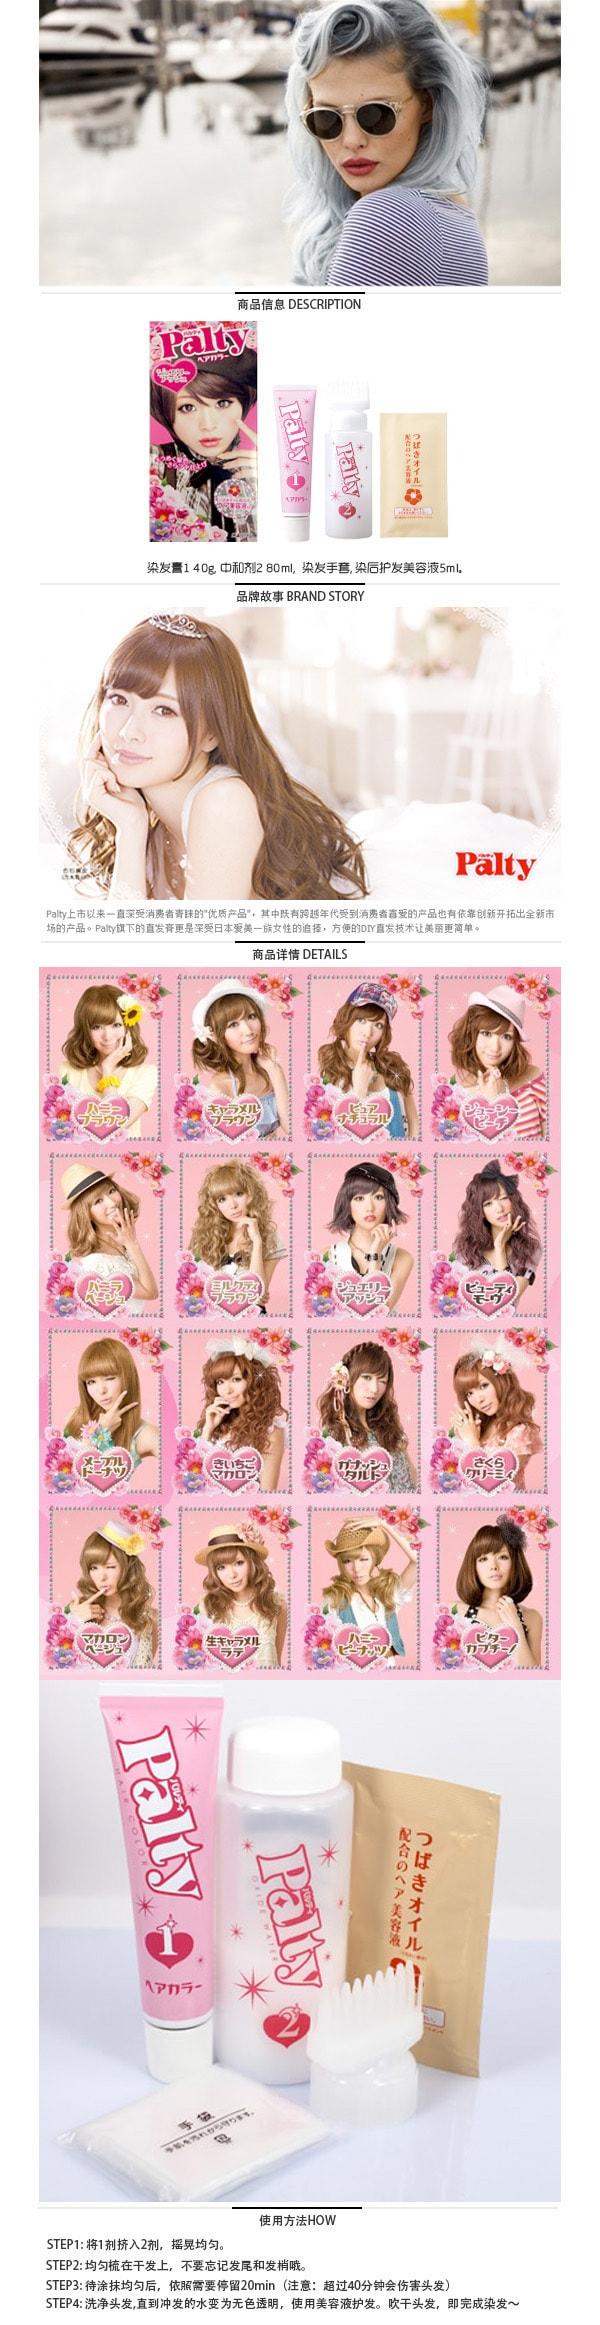 Yamibuy Com Dariya Palty Hair Dye Jewelry Ash